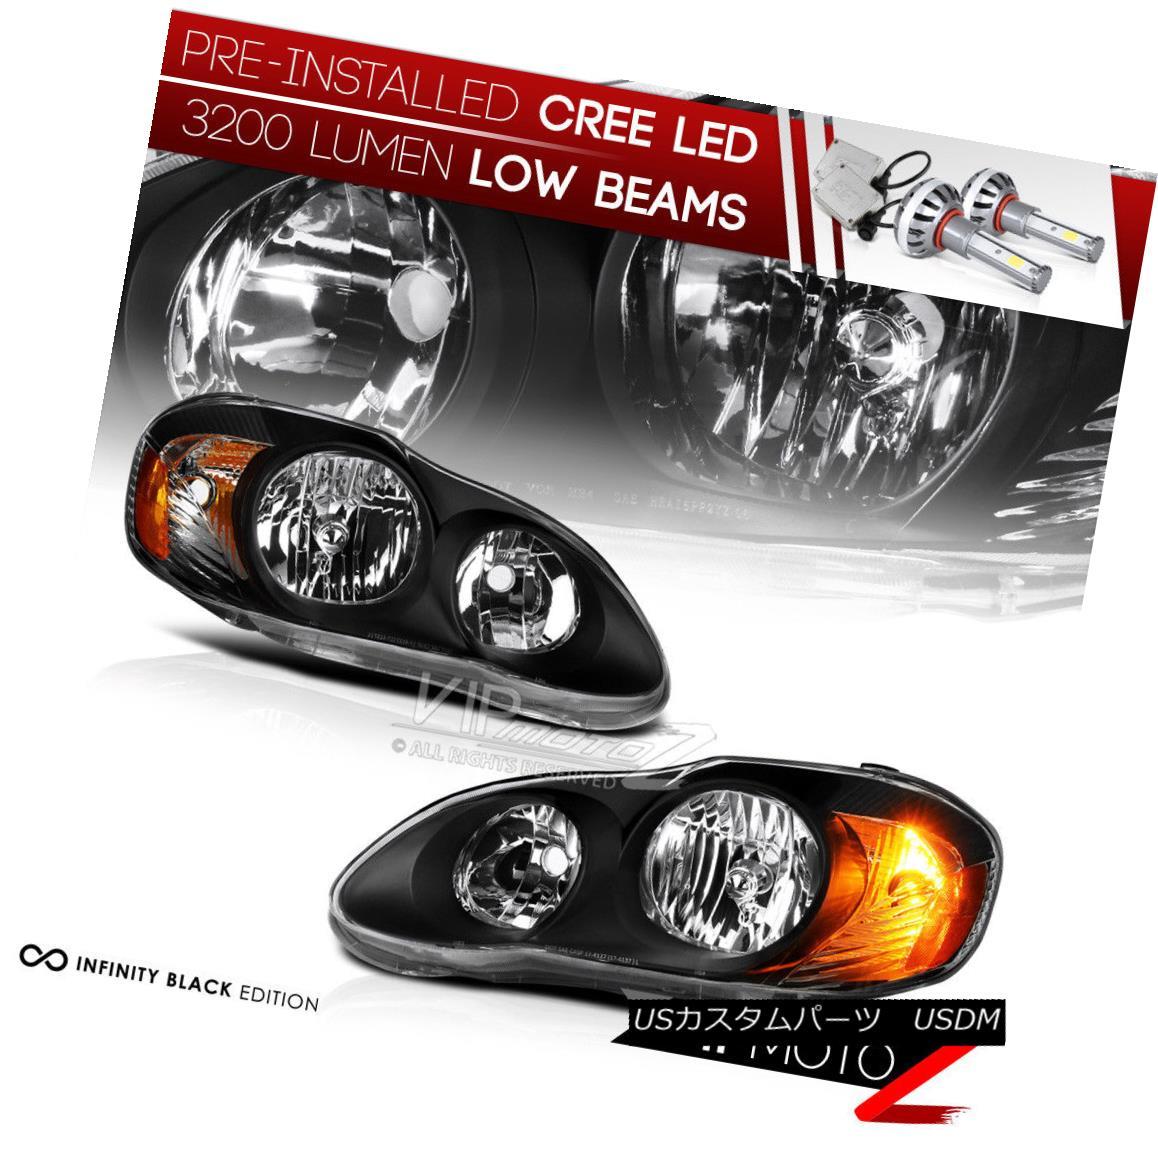 ヘッドライト {Pre-Installed LED Low Beam} 2003-2008 Toyota Corolla Headlights Black Lamps SET {Pre-Installed LED Low Beam} 2003-2008トヨタカローラヘッドライトブラックランプセット